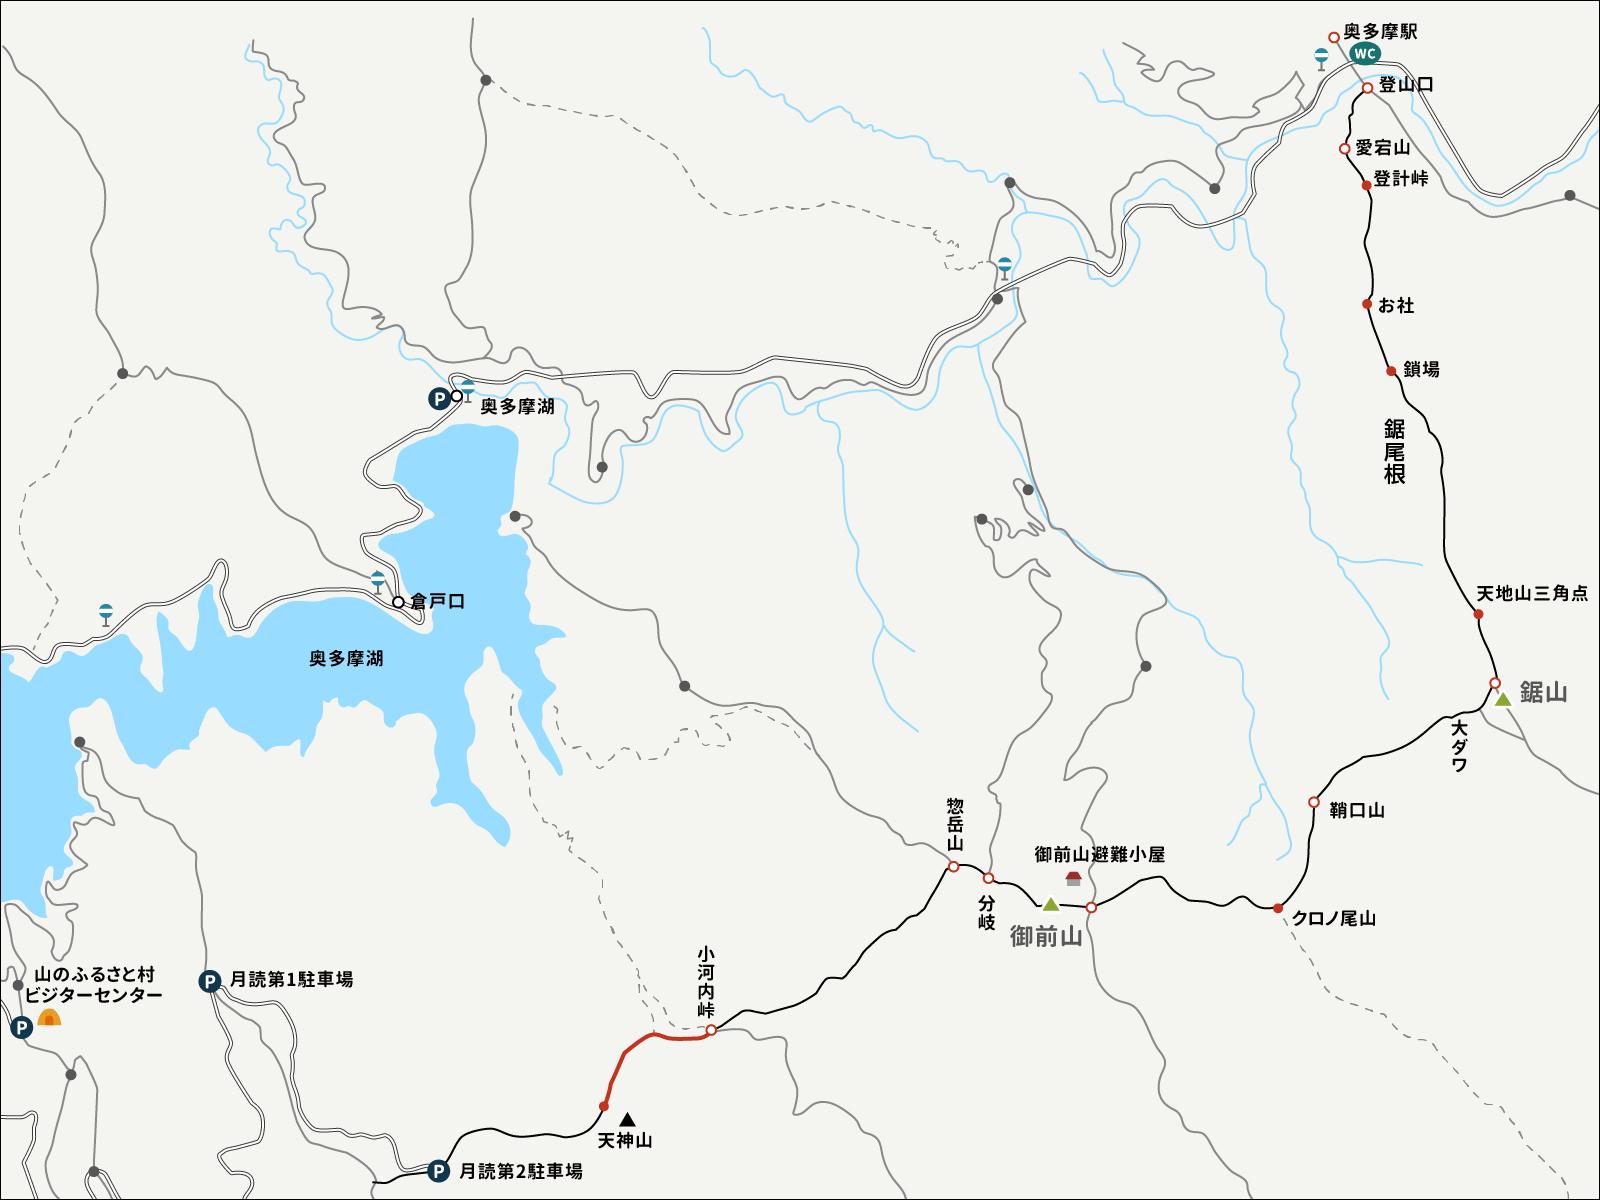 小河内峠からのイラストマップ